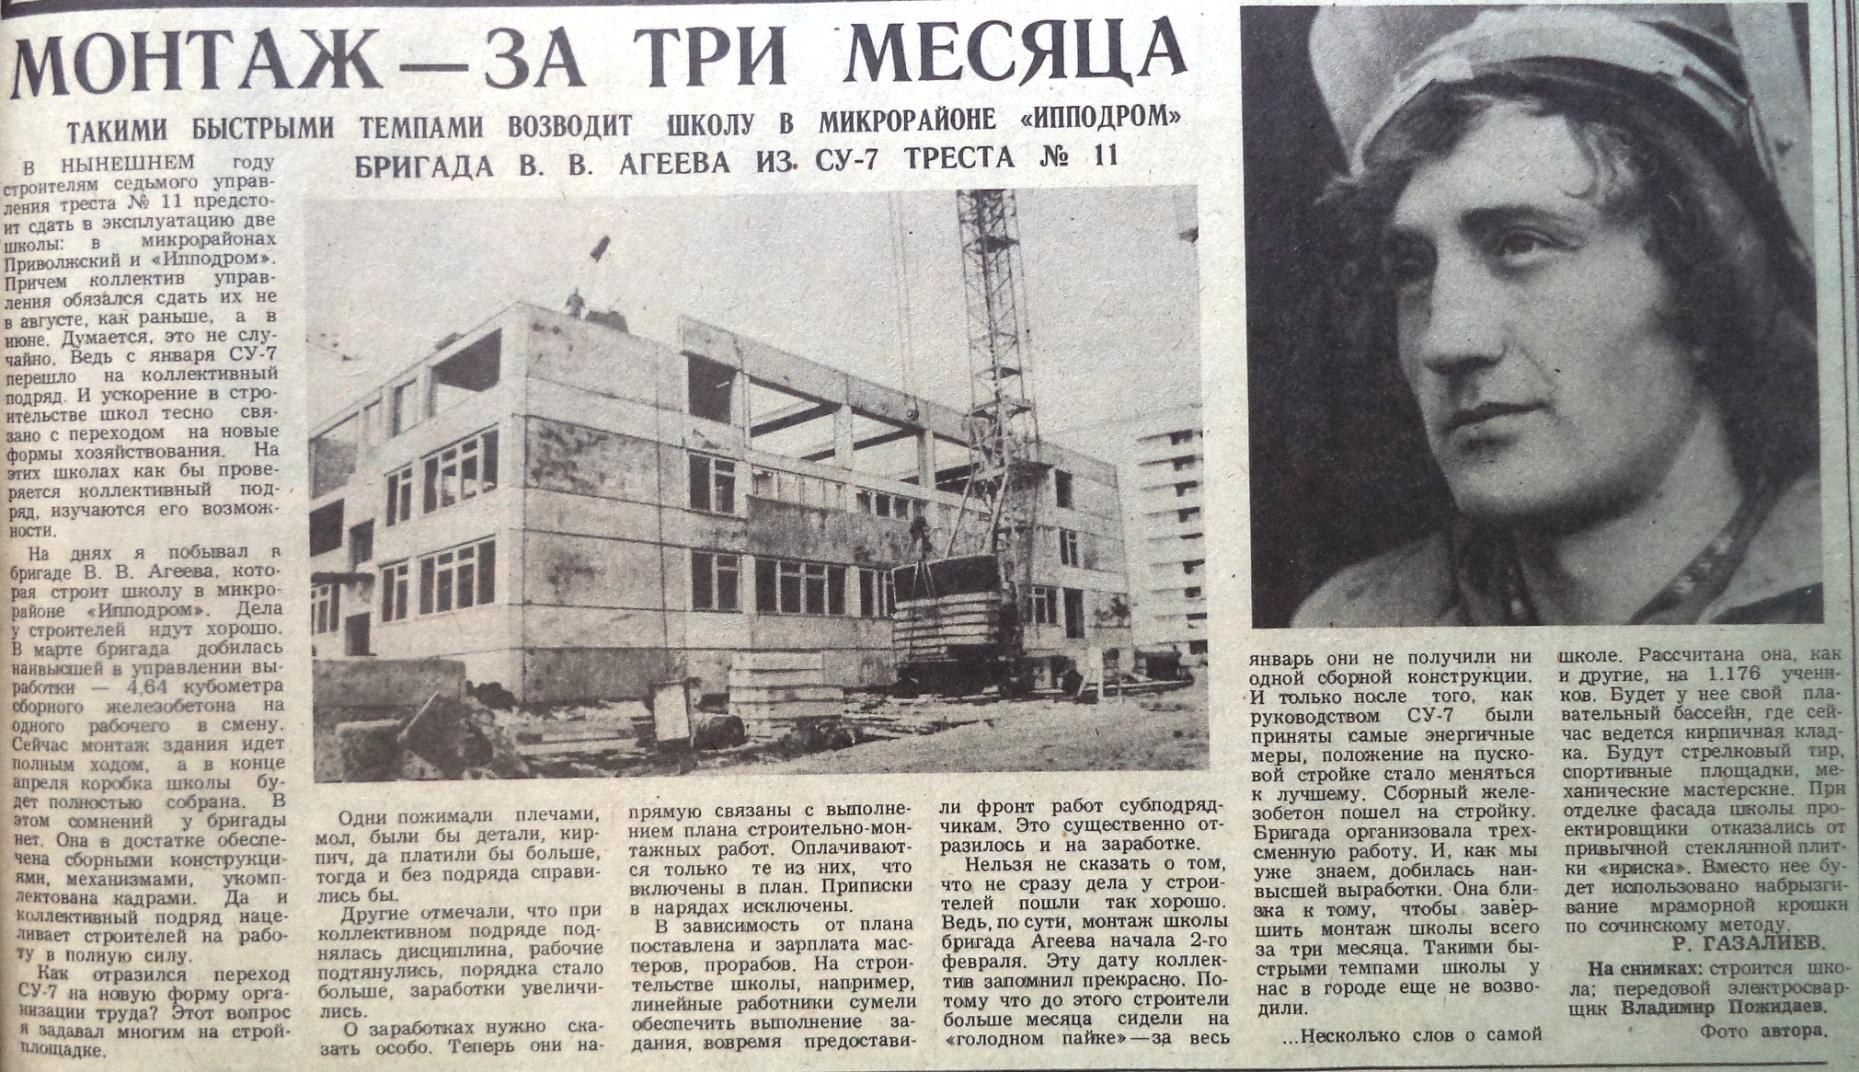 Ново-Садовая-ФОТО-87-ВЗя-1987-04-15-на стр-ве школы в мкр. Ипподром